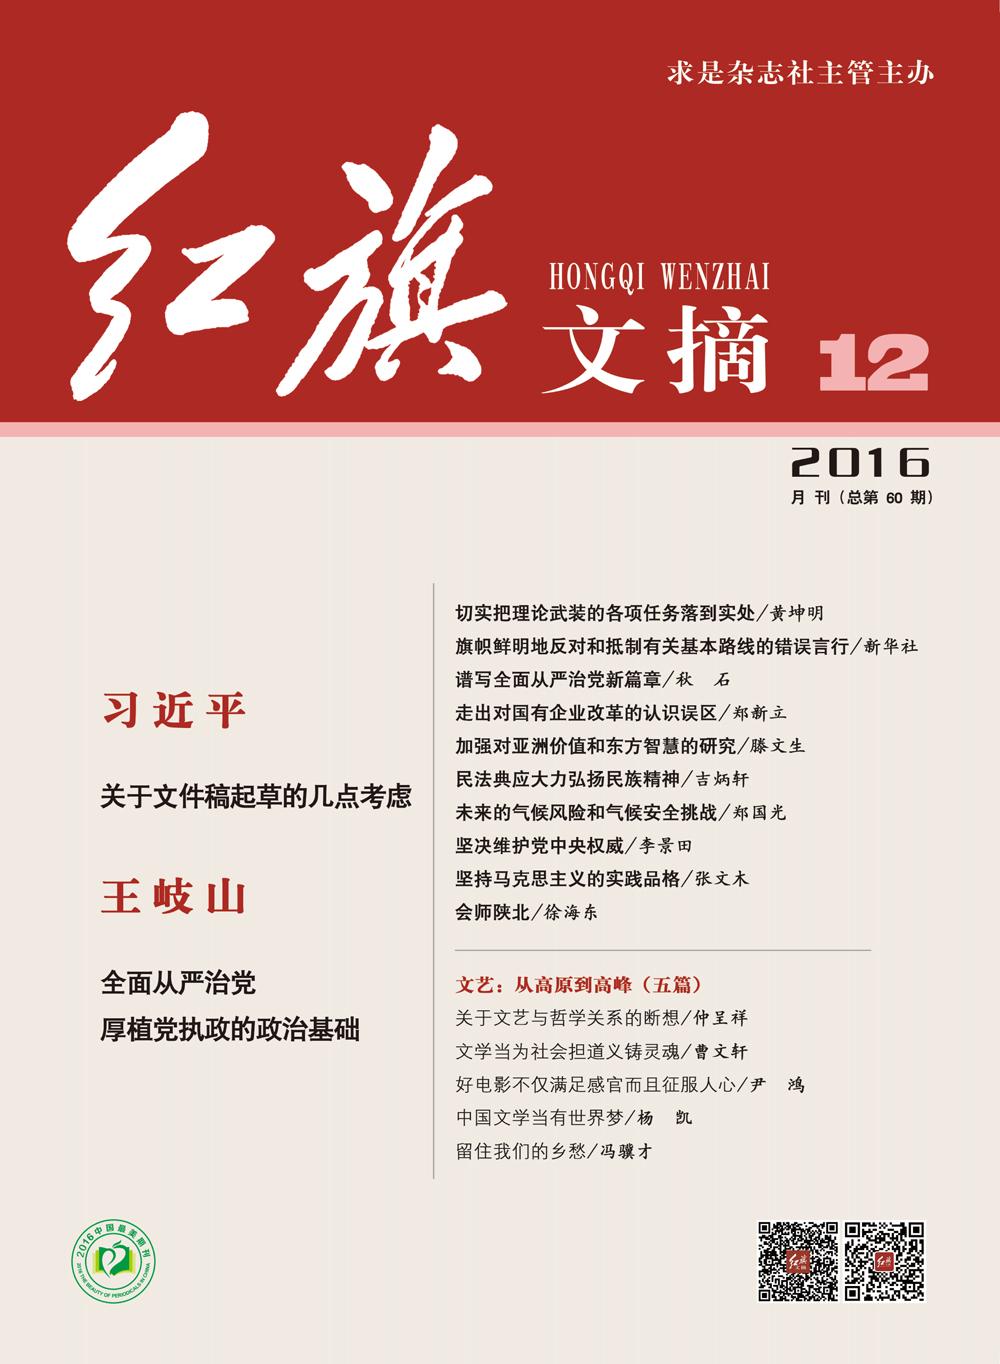 《红旗文摘》   《红旗文摘》(月刊)由求是杂志社主管主办,是哲学社会科学领域和思想理论战线的大型理论文摘杂志。